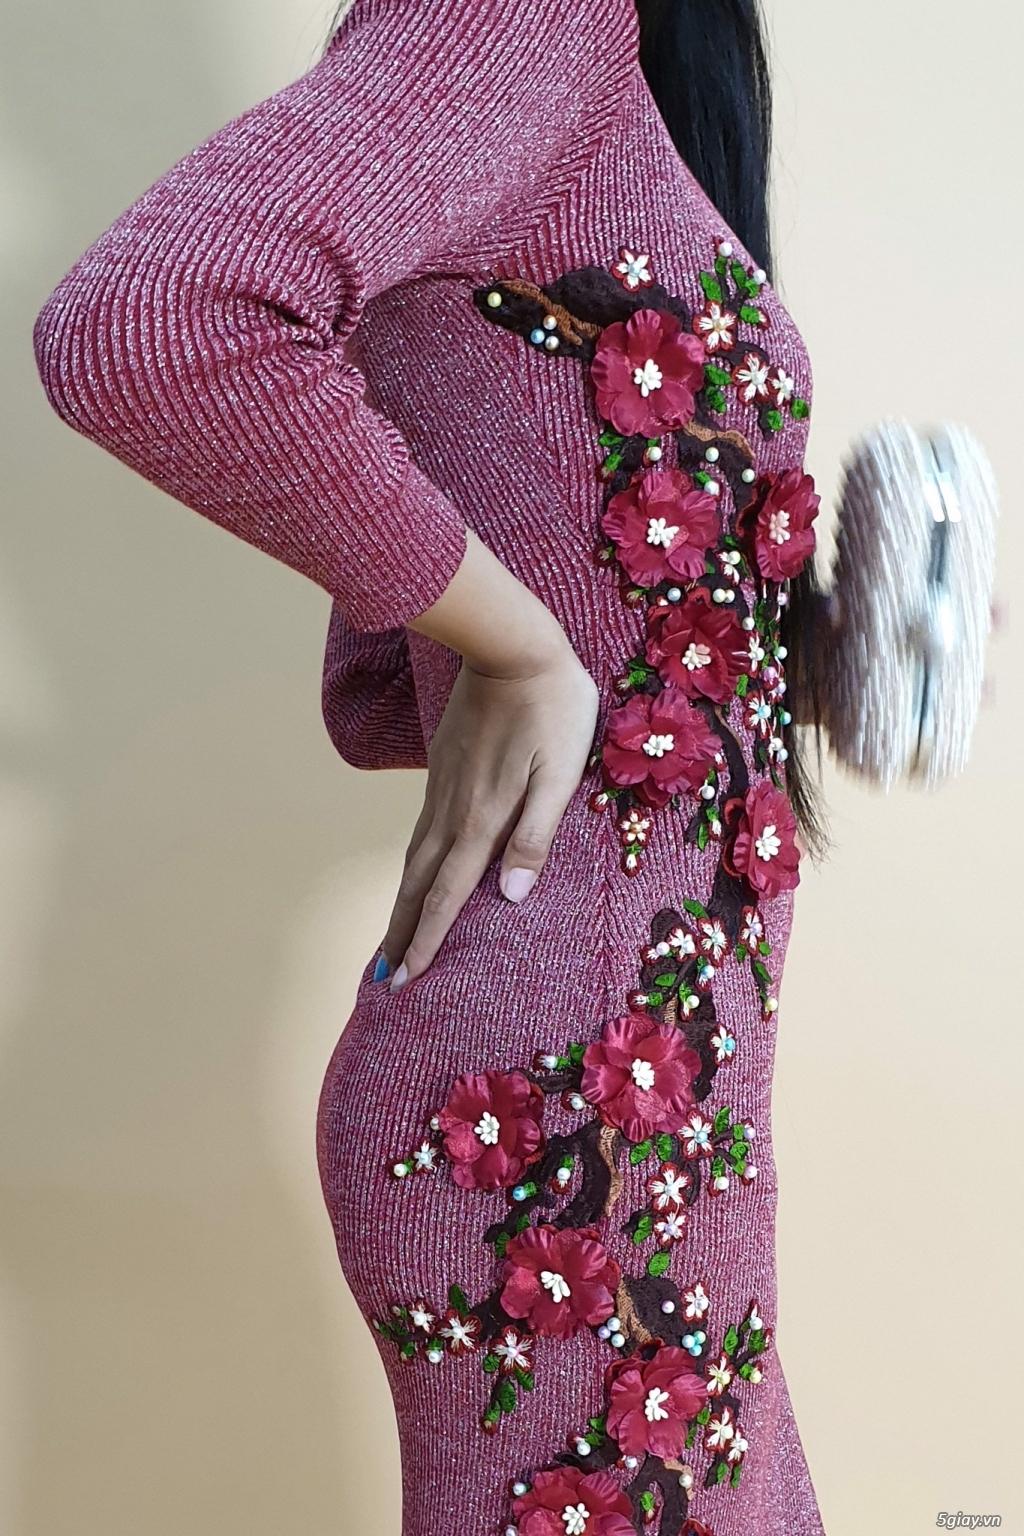 Wal House Fashion - Thương Hiệu Việt - Kiểu dáng đa dạng - 23